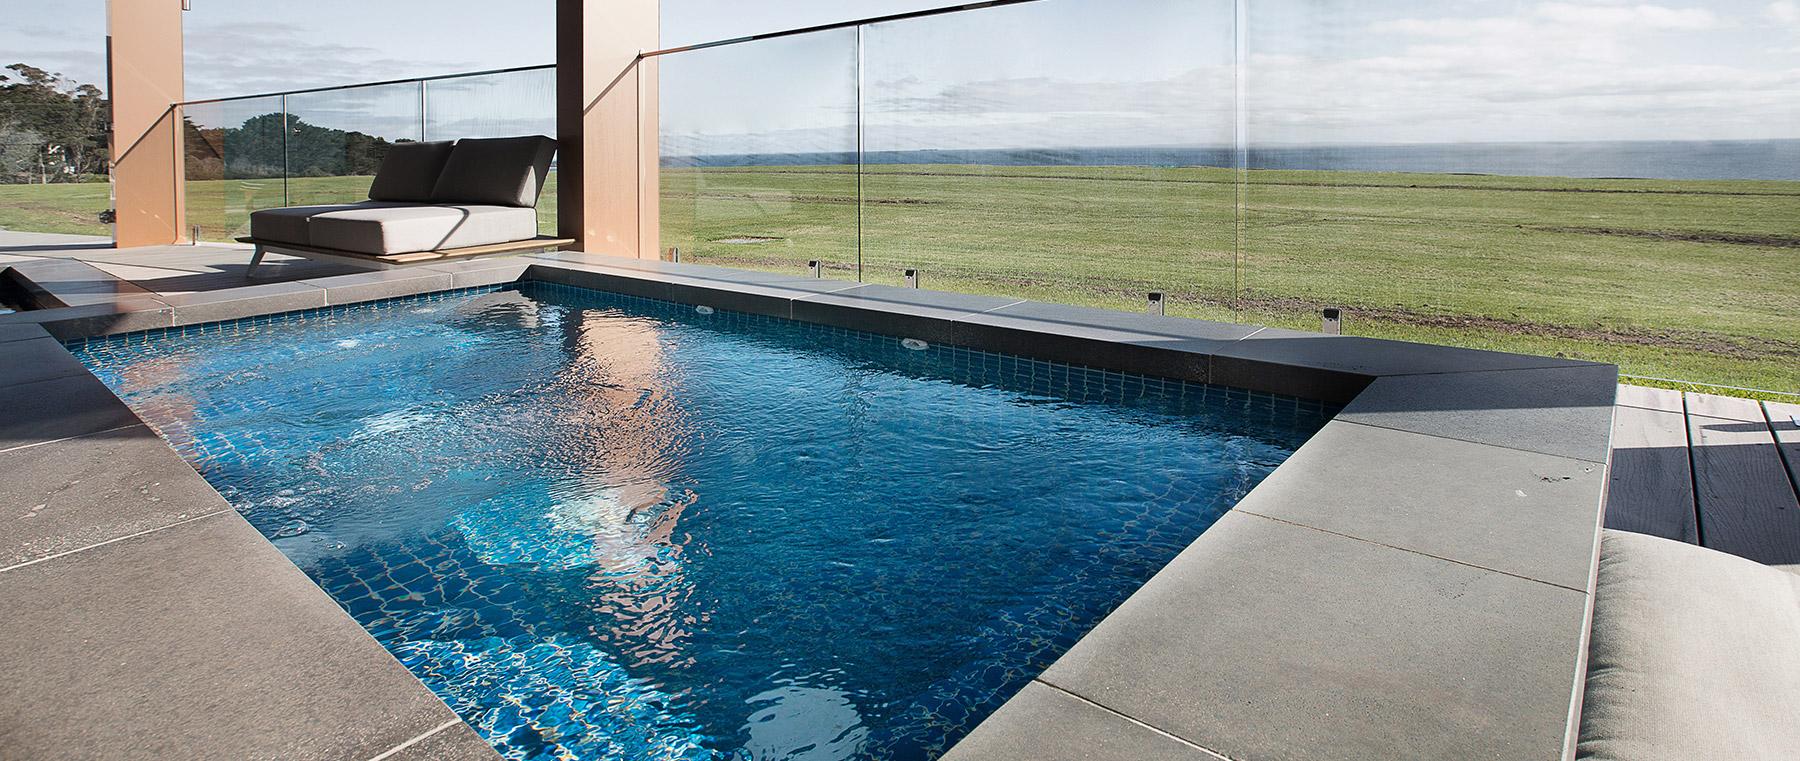 Luxury pools & spas